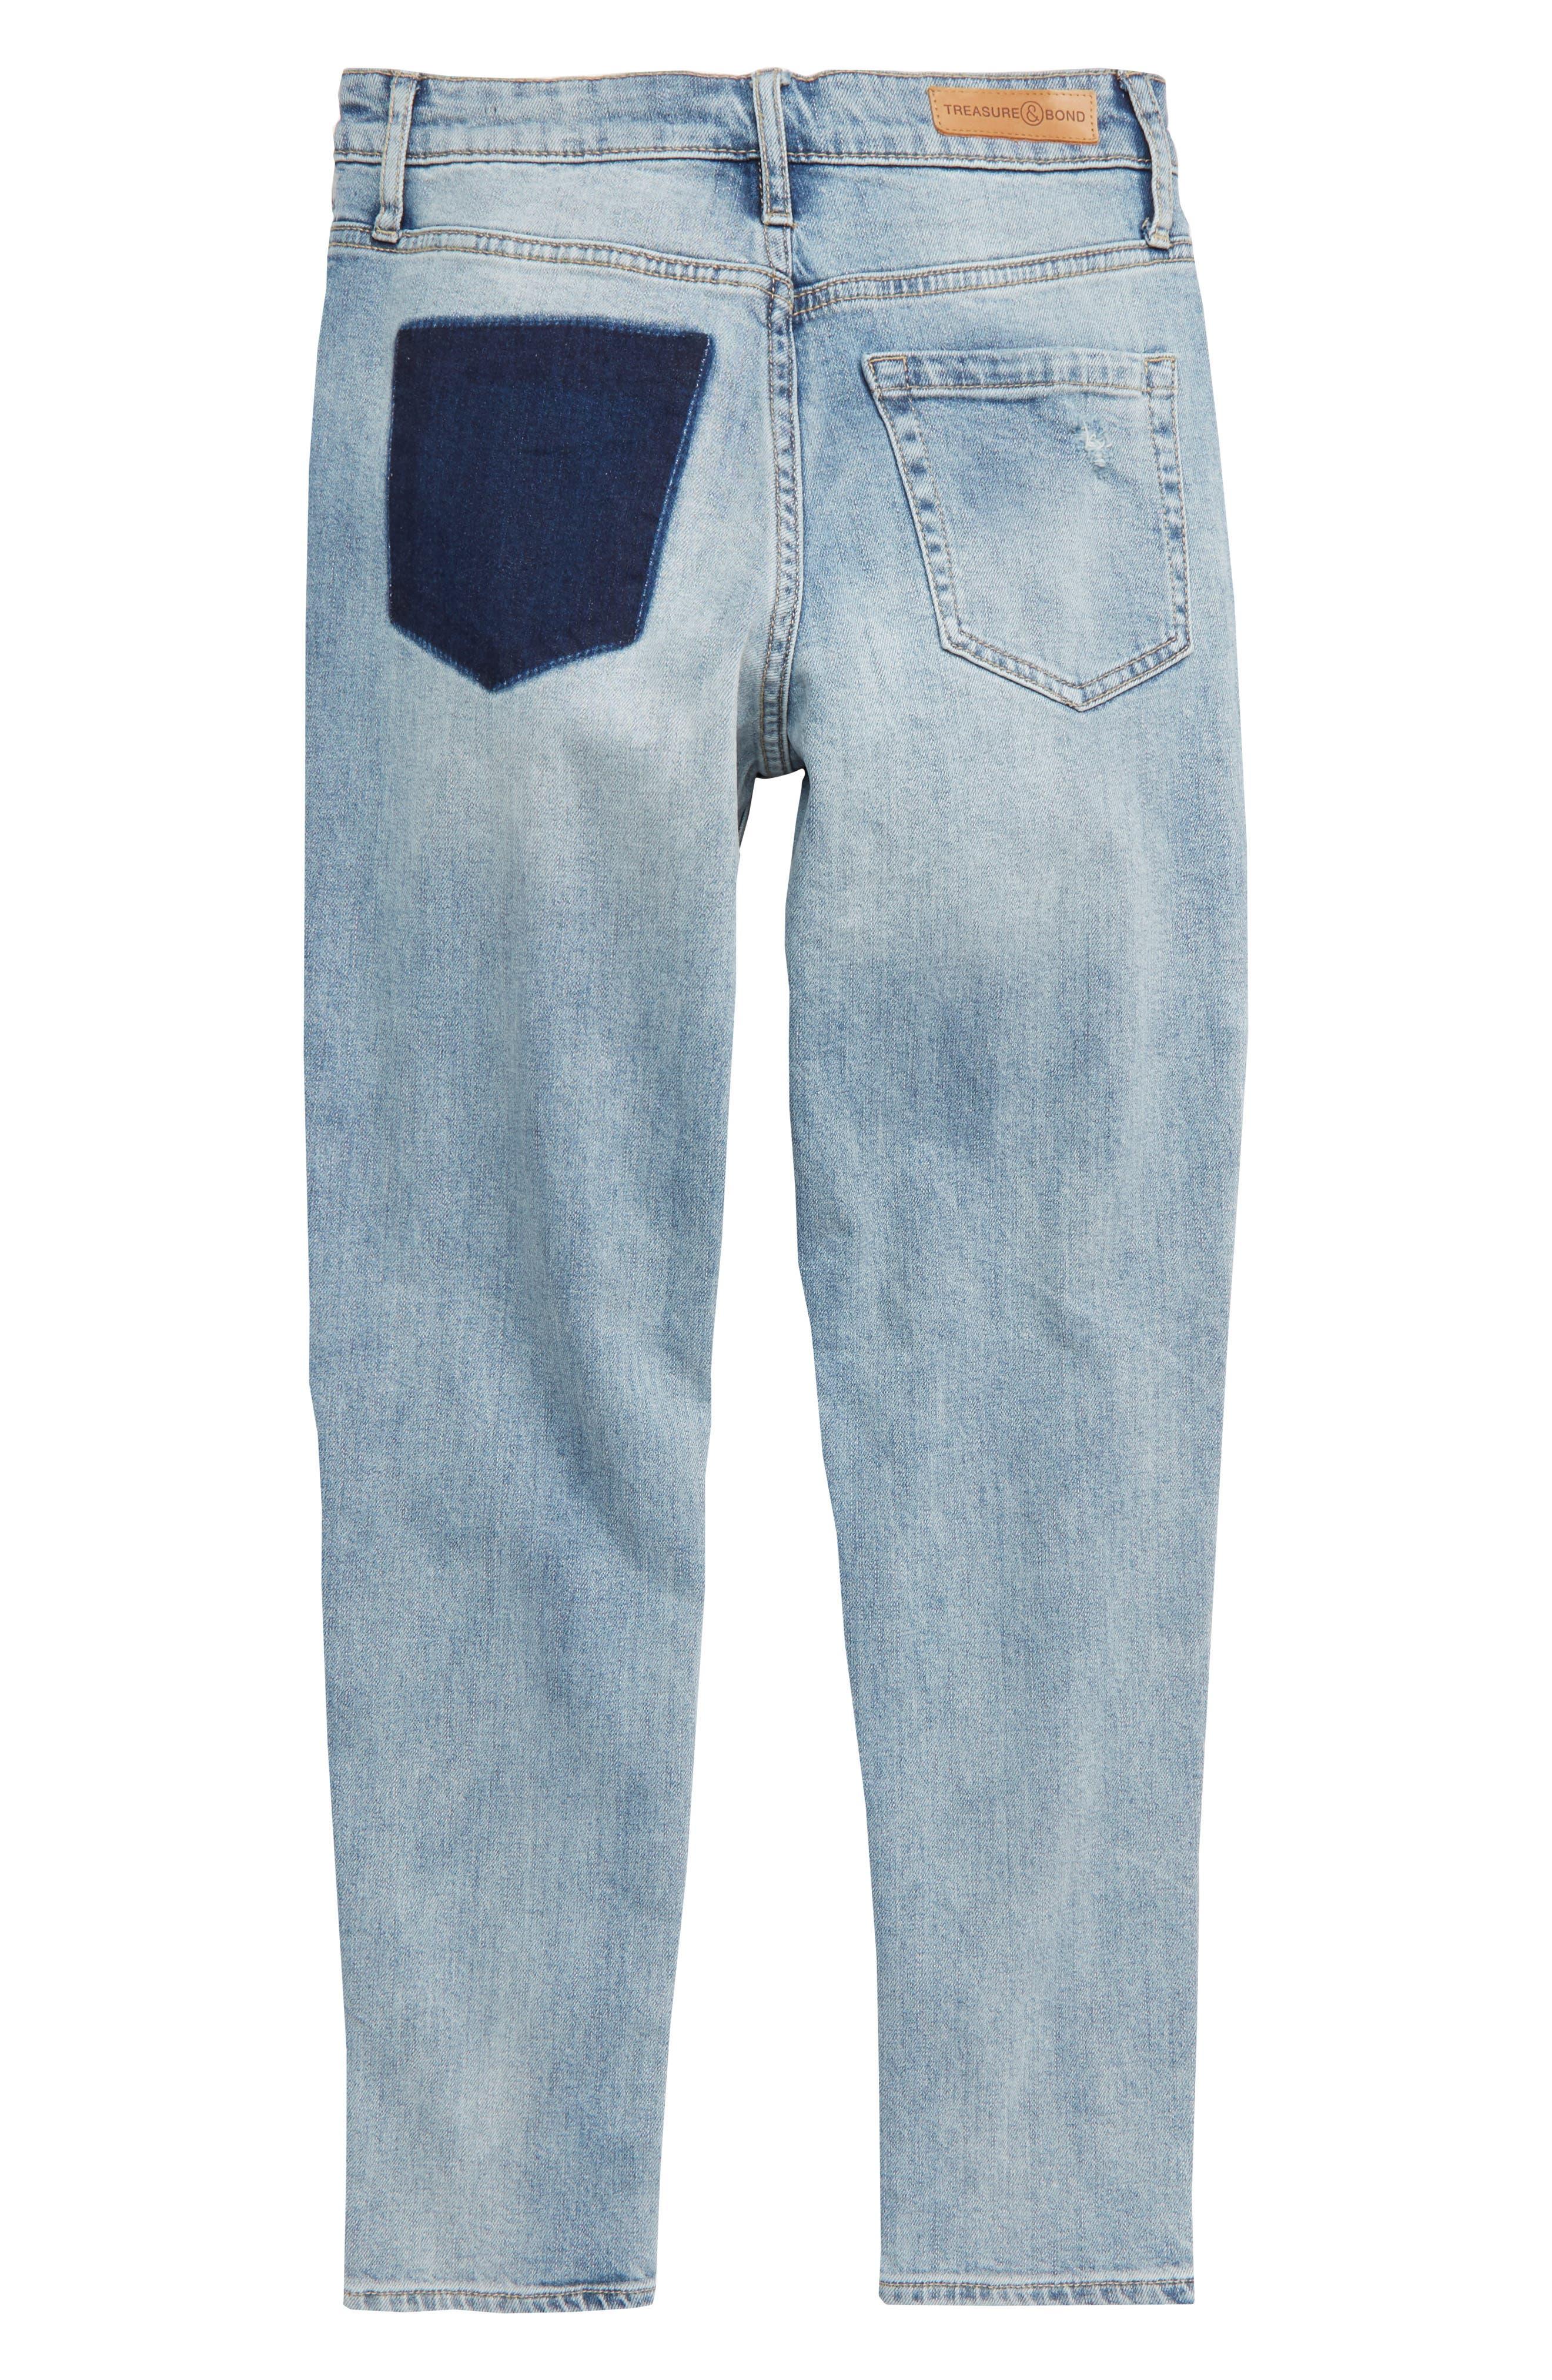 TREASURE & BOND, High Waist Distressed Skinny Jeans, Alternate thumbnail 2, color, VINTAGE LIGHT WASH